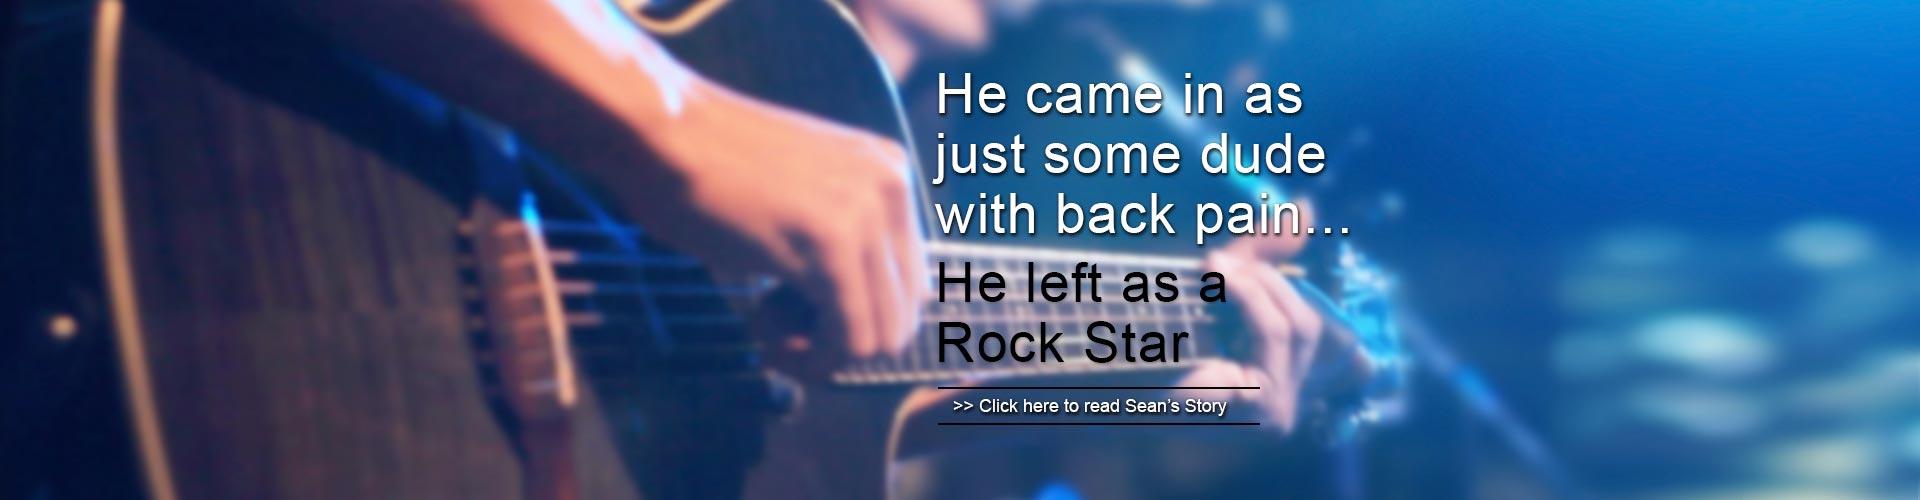 slider-03-rockstar-1900-500